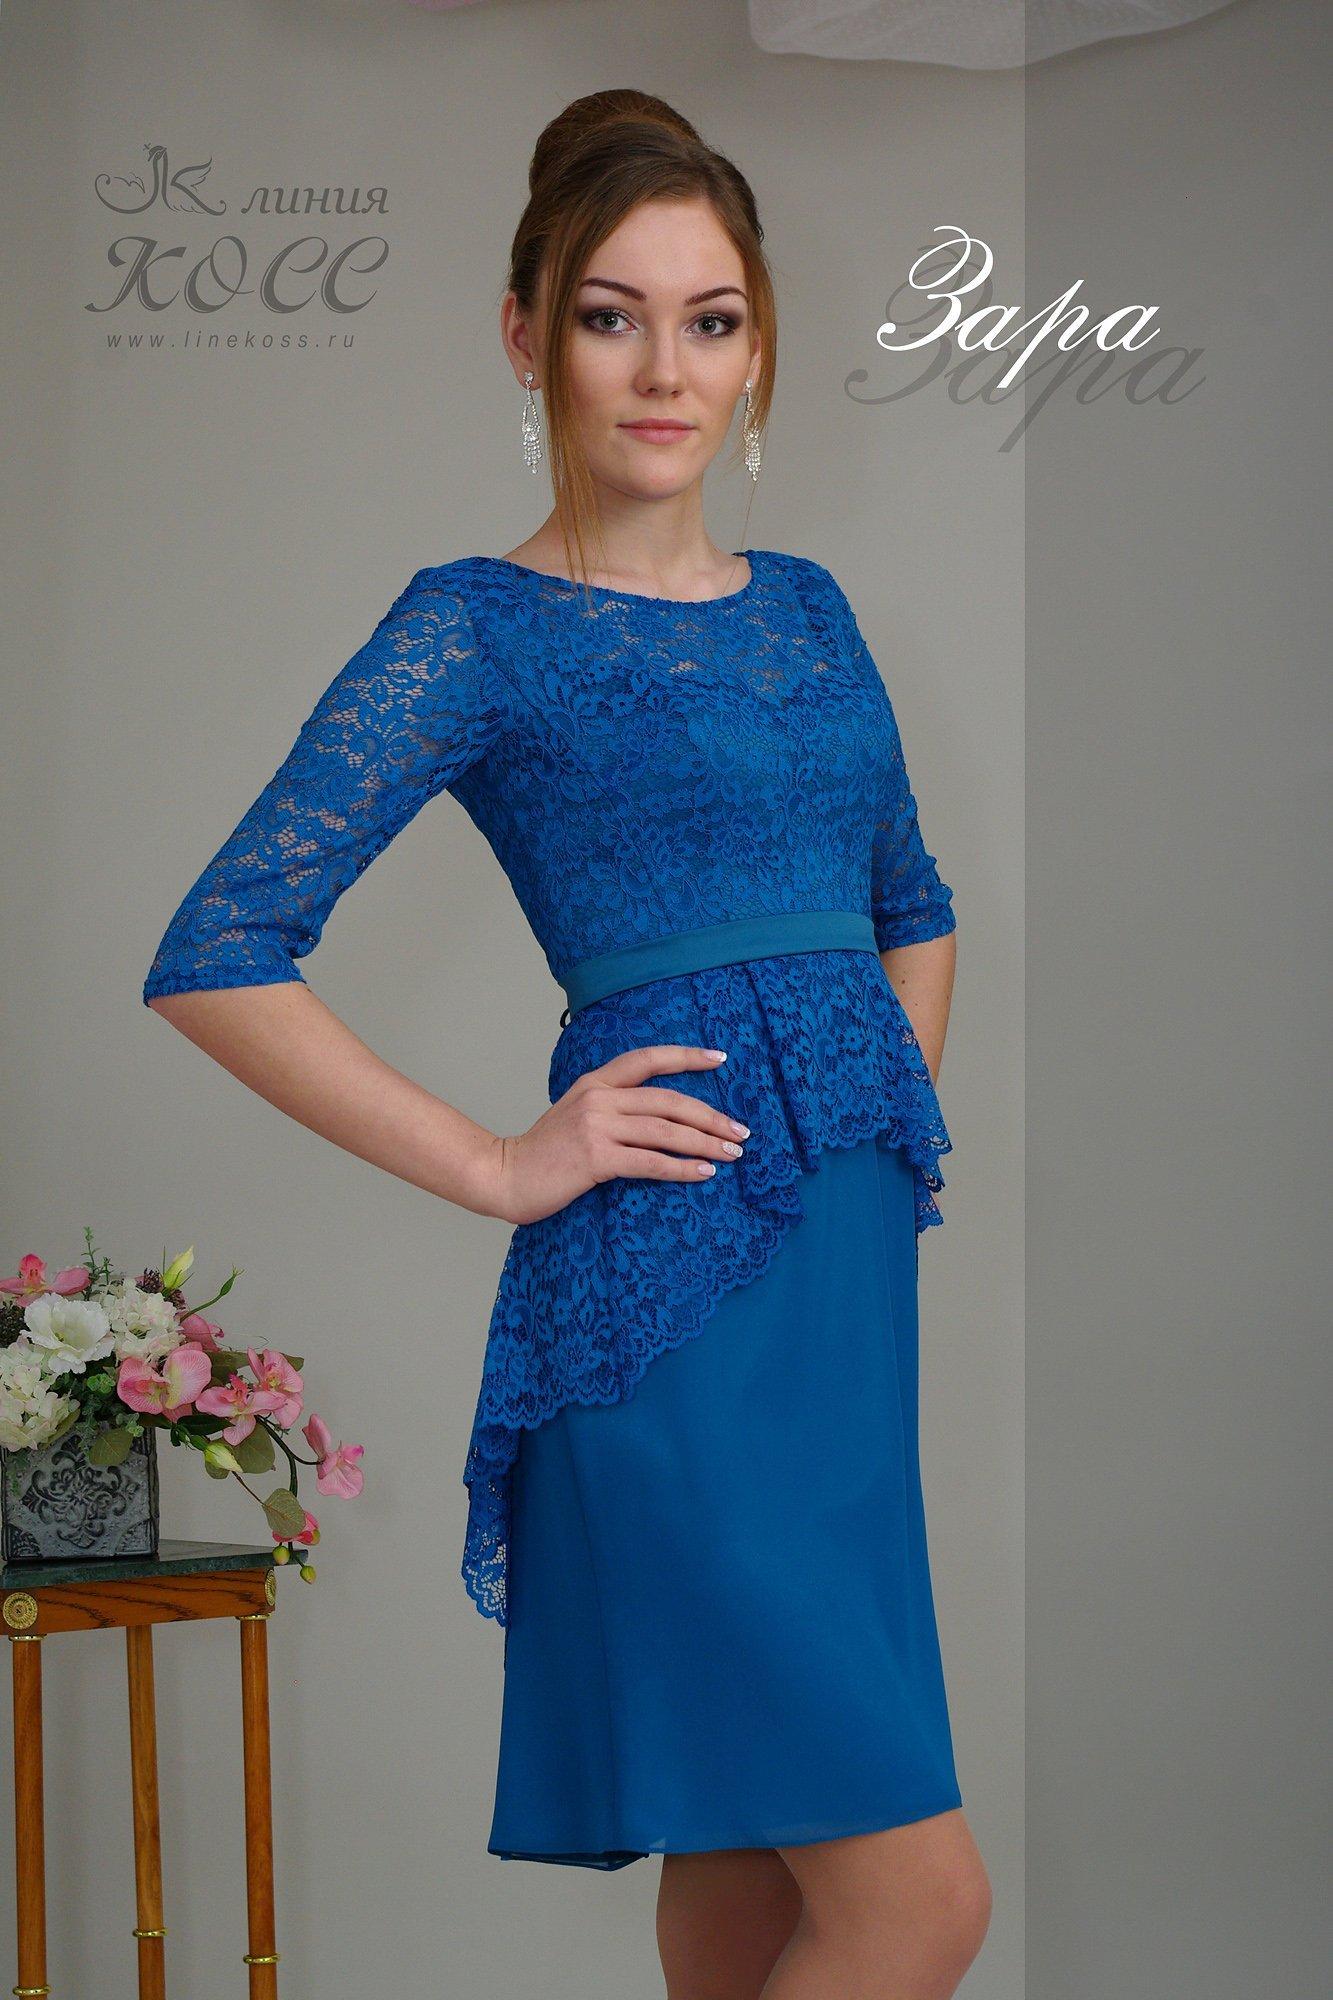 f110a3c8e46 Повседневное синее платье Linia Koss Зара ▷ Свадебный Торговый ...